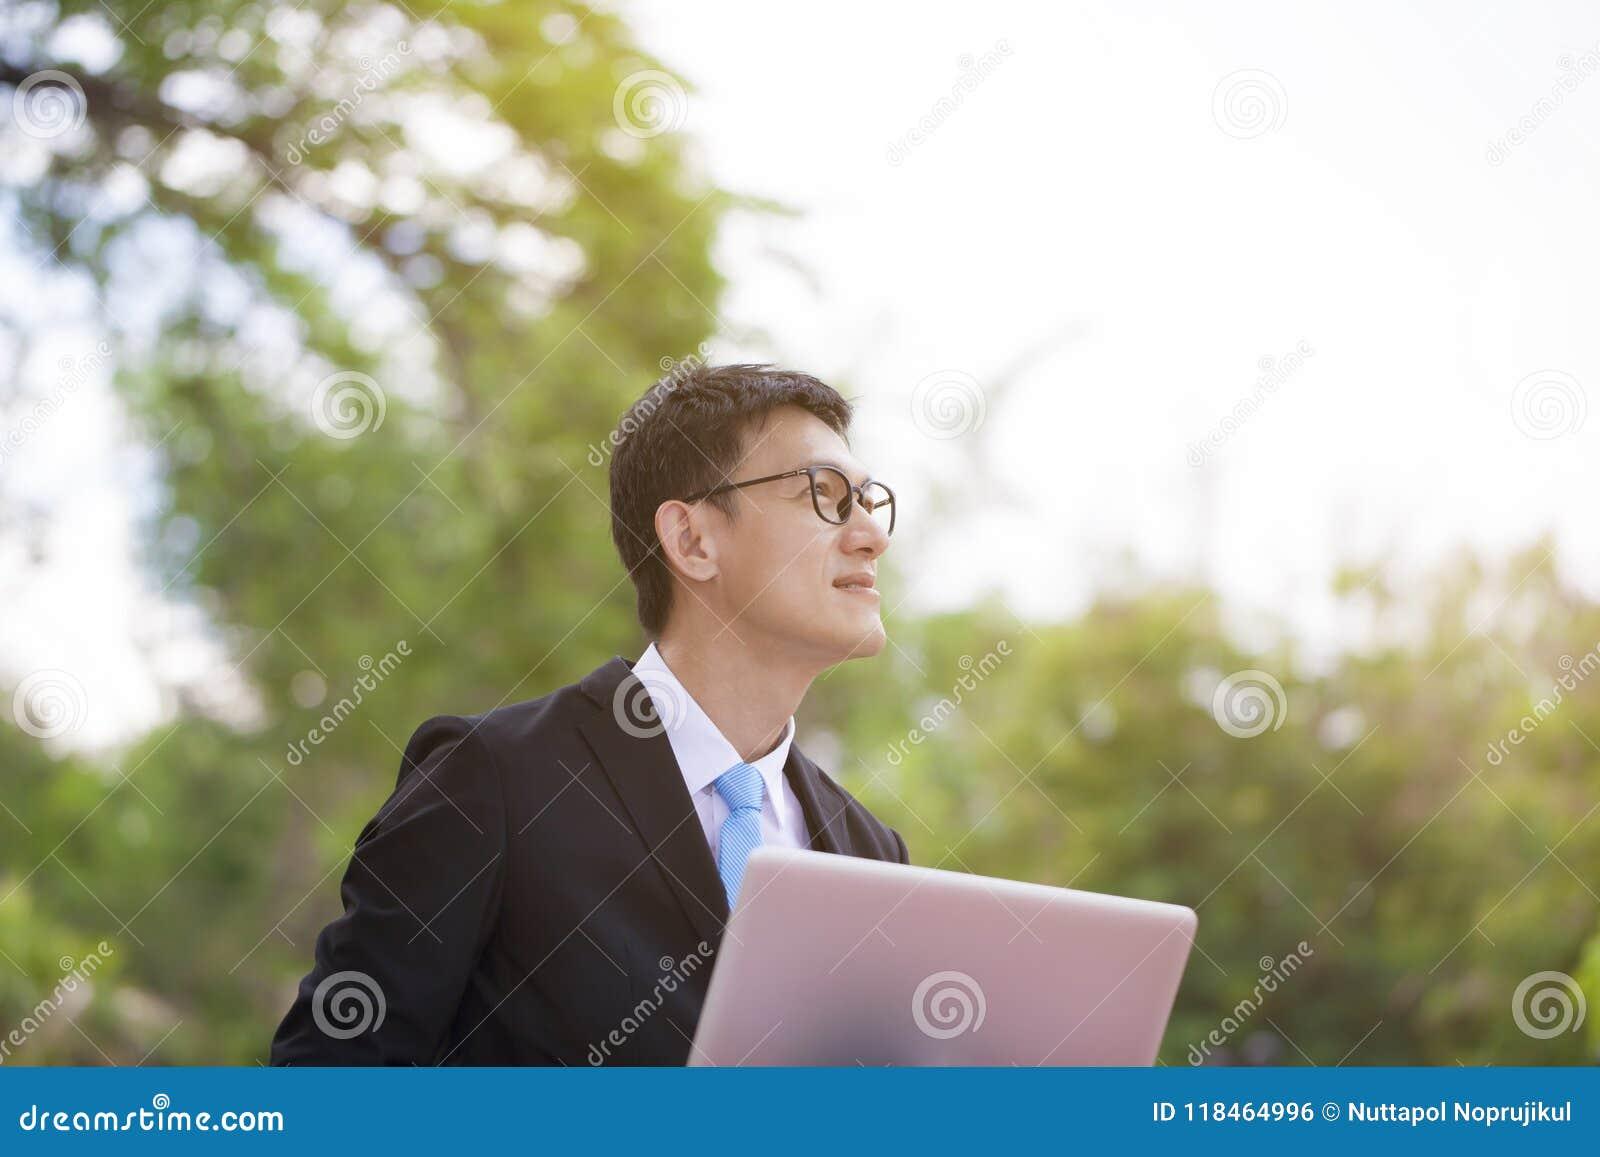 微笑和在他的增殖比期间的年轻愉快和成功的商人